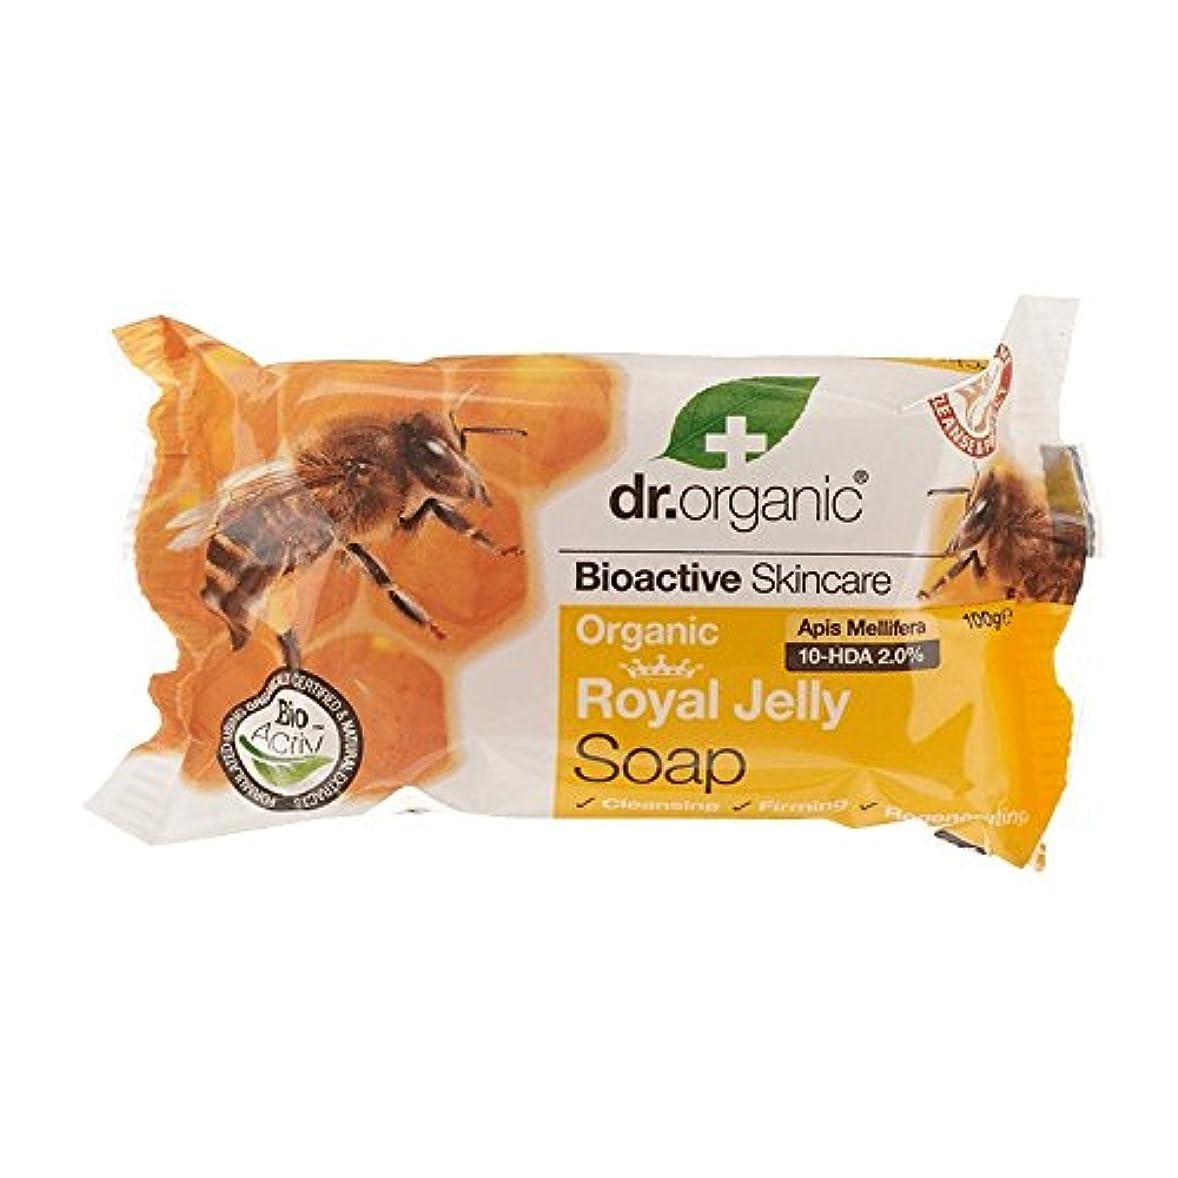 低い量パーチナシティDr Organic Royal Jelly Soap (Pack of 2) - Dr有機ローヤルゼリーソープ (x2) [並行輸入品]